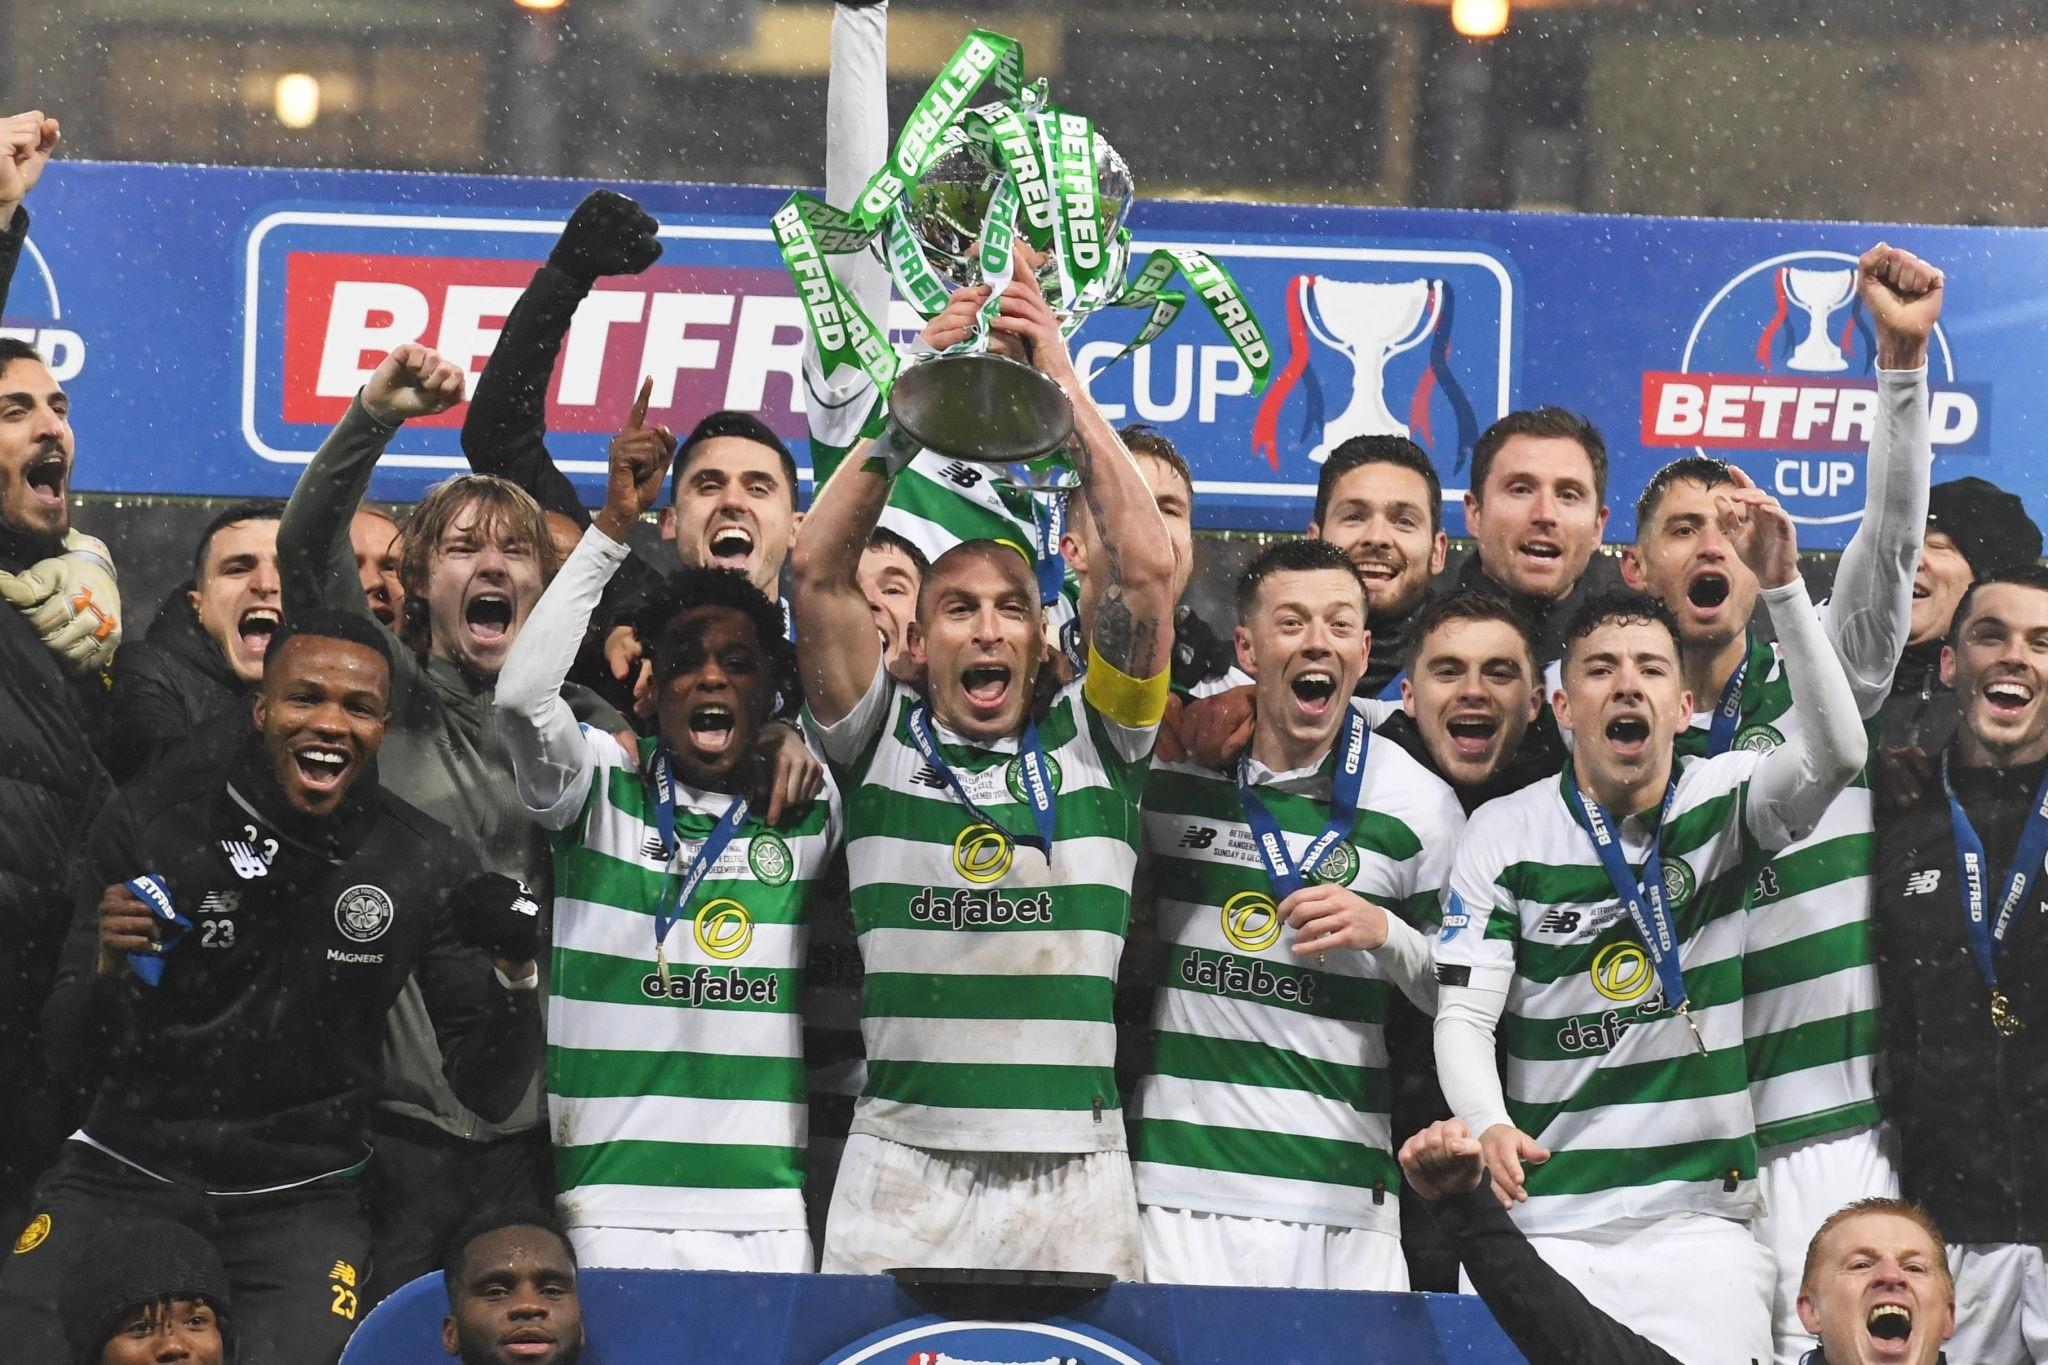 Селтик победил Рейнджерс и выиграл Кубок шотландской лиги 4-й раз подряд - изображение 1